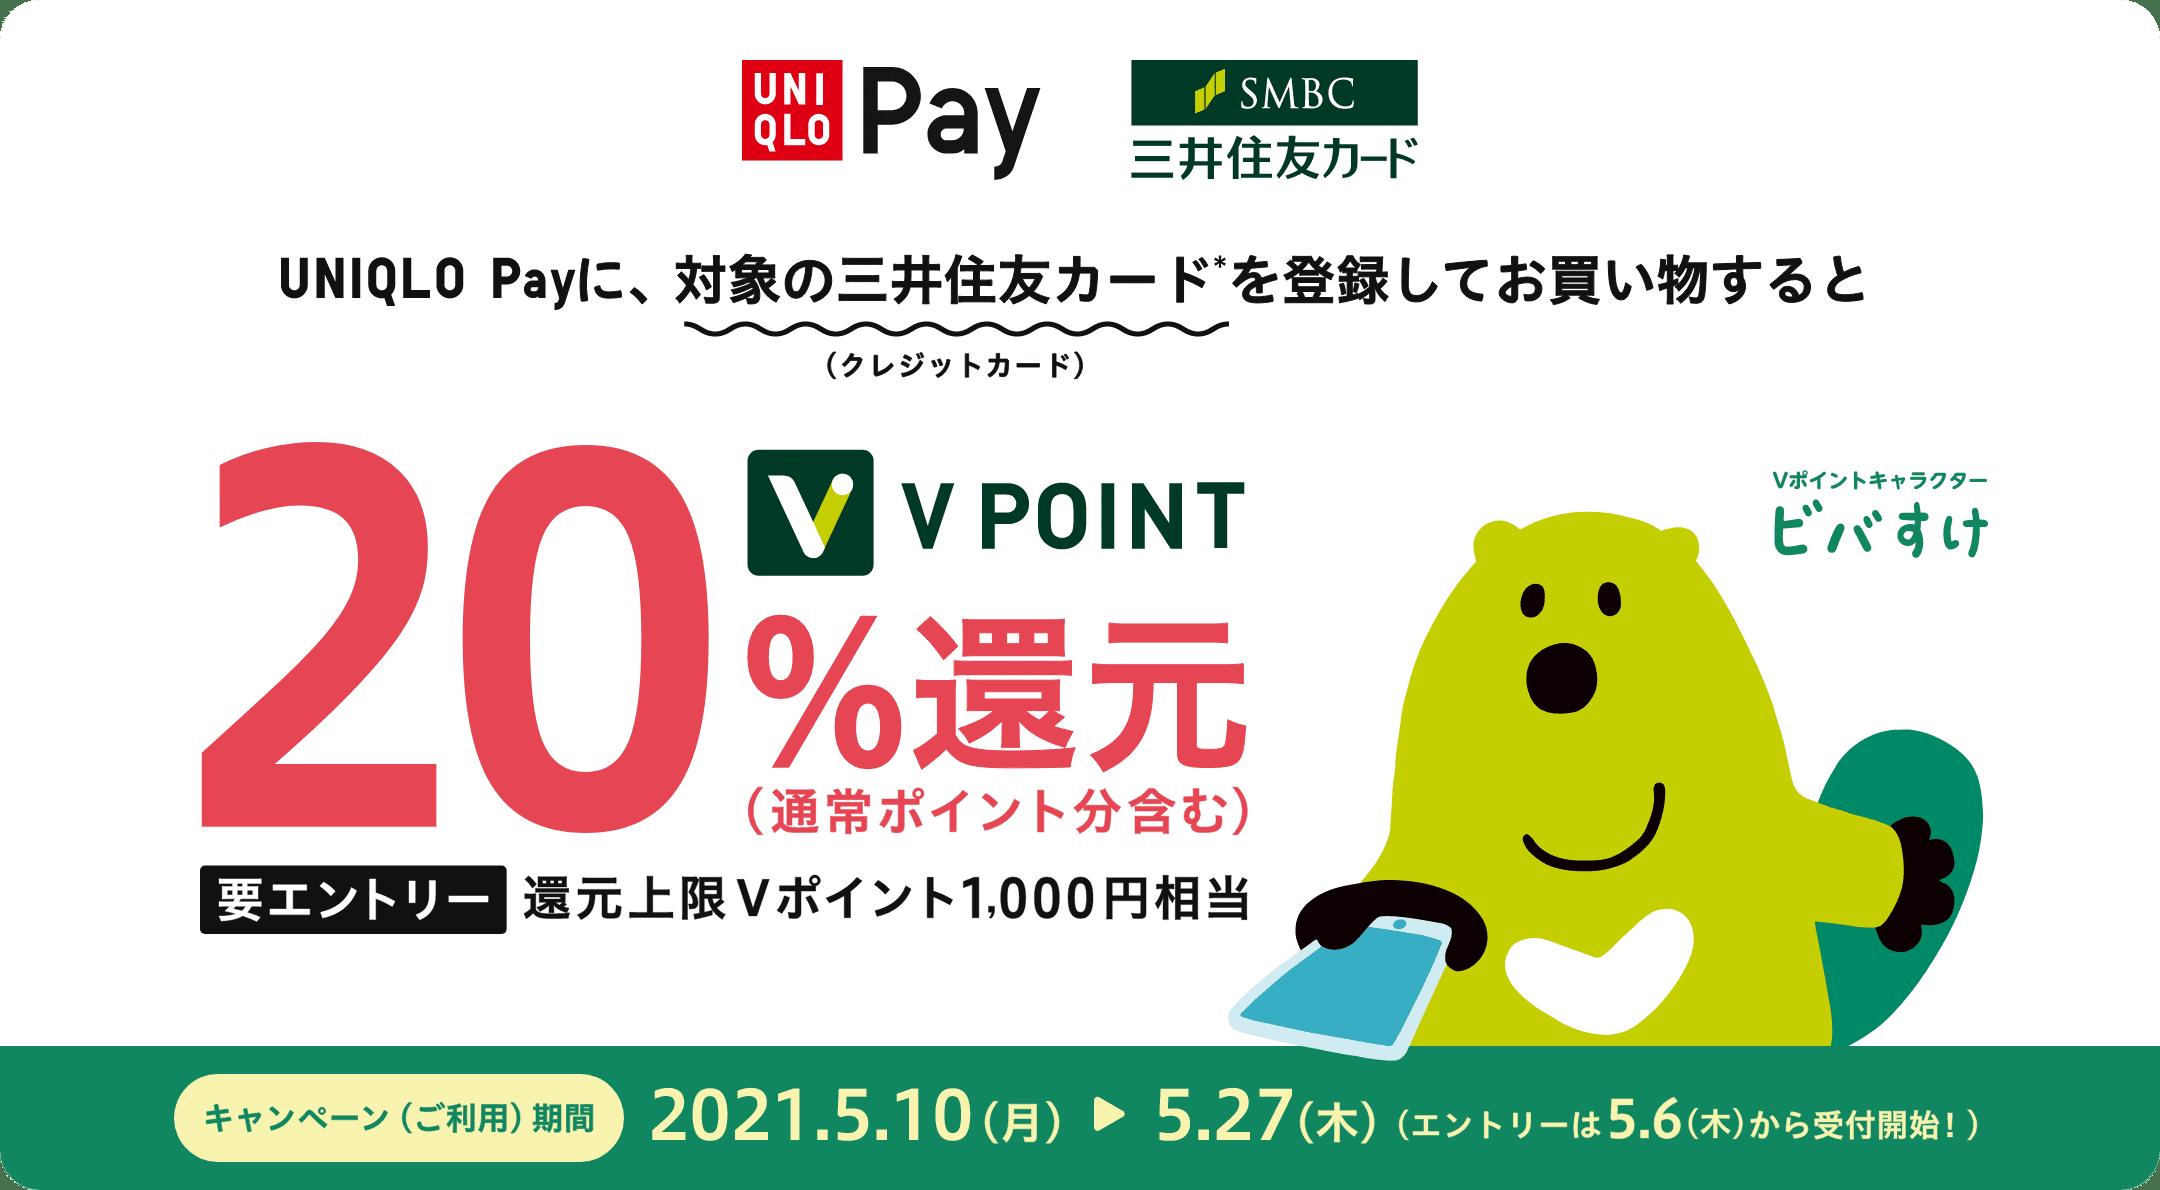 ユニクロペイで三井住友カードを登録して買い物をすると20%還元。上限1000ポイント、5000円まで。新規登録で500円クーポンも貰える。5/10~5/27。⇒6/10まで延期。